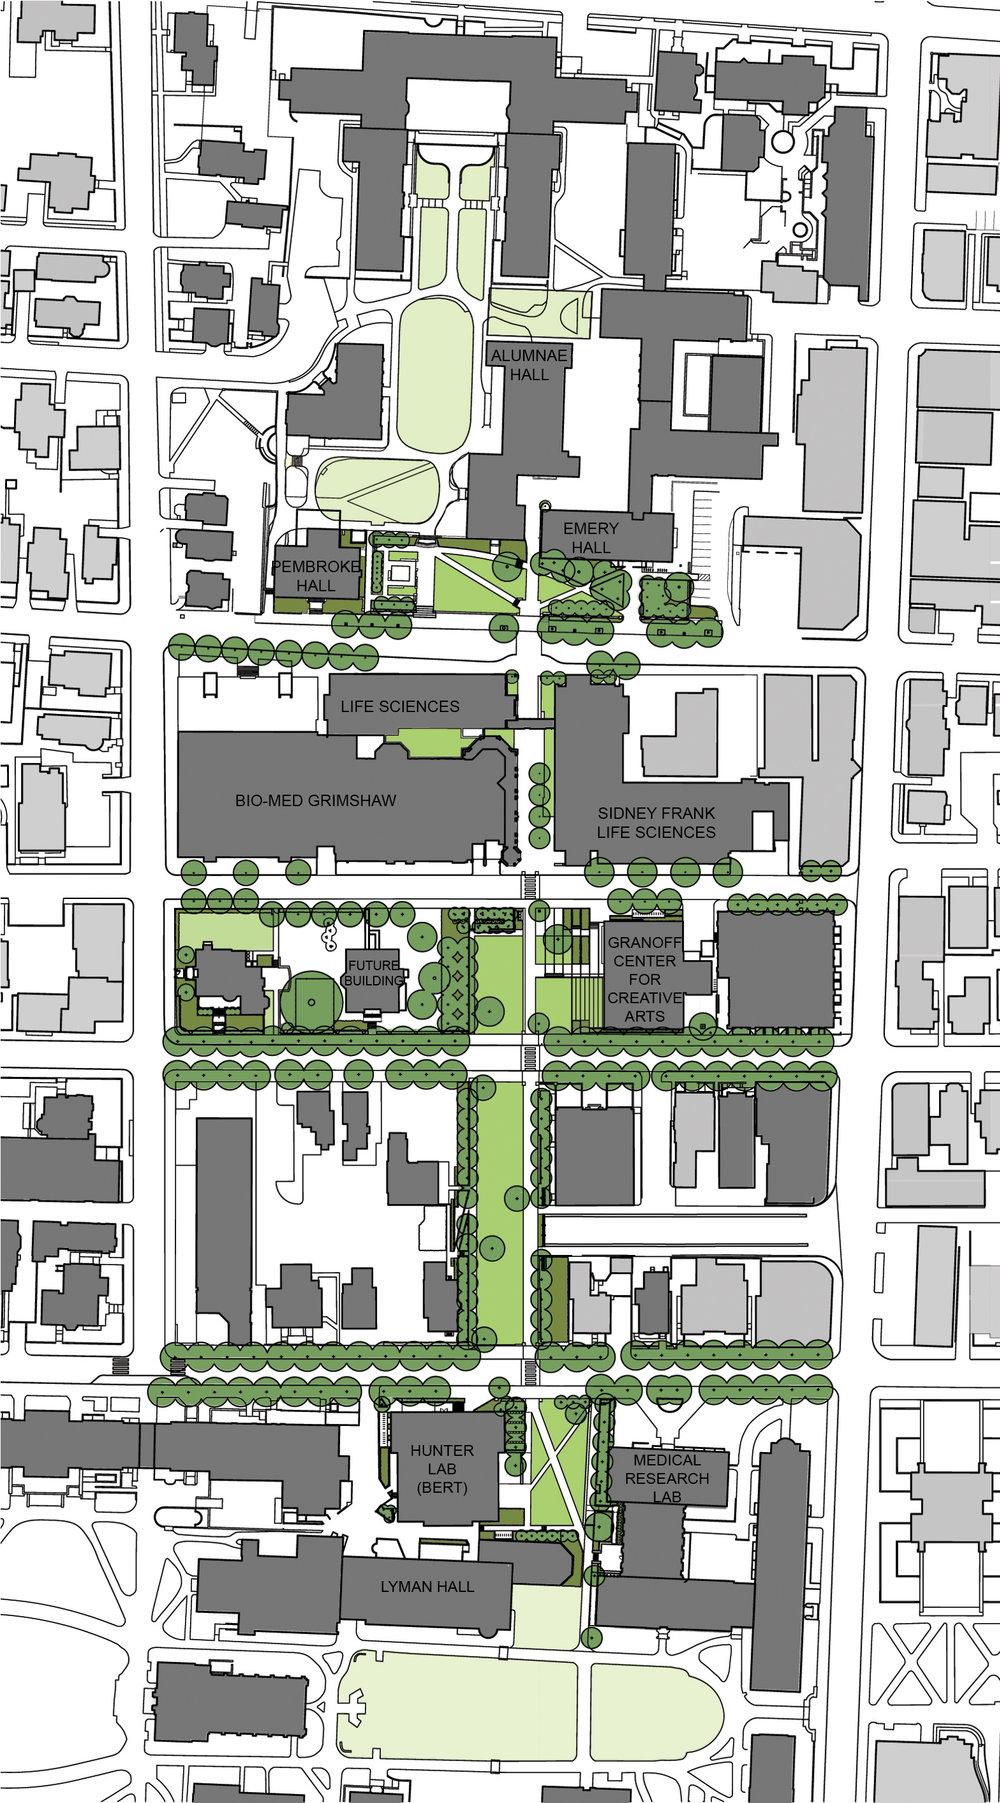 Linking Campus Plan_updated.jpg